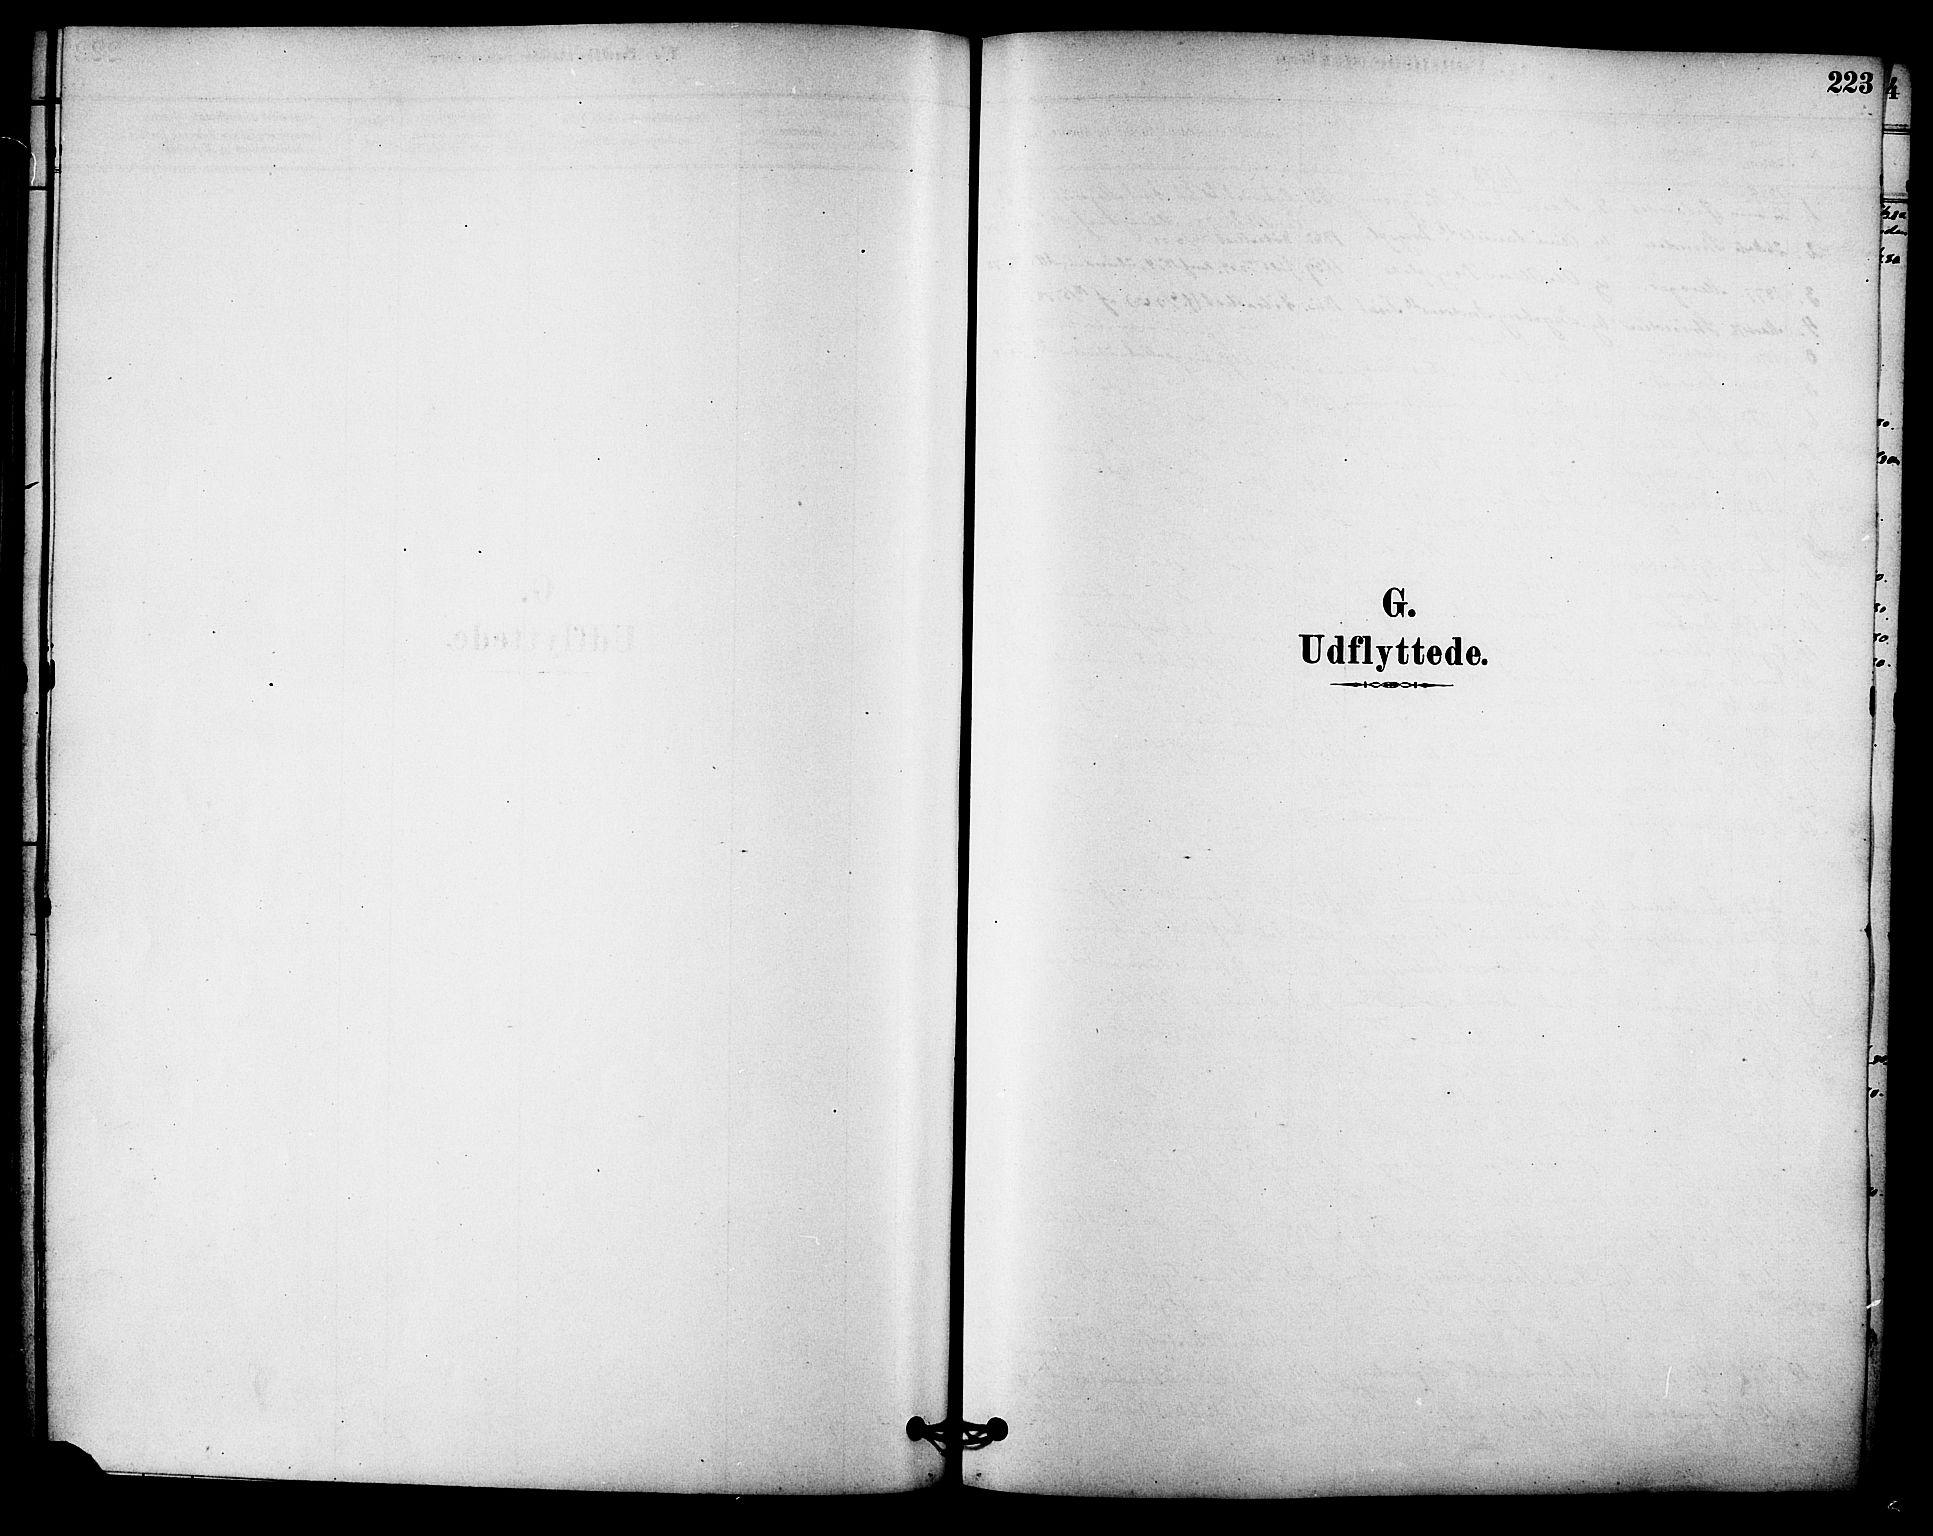 SAT, Ministerialprotokoller, klokkerbøker og fødselsregistre - Sør-Trøndelag, 612/L0378: Ministerialbok nr. 612A10, 1878-1897, s. 223